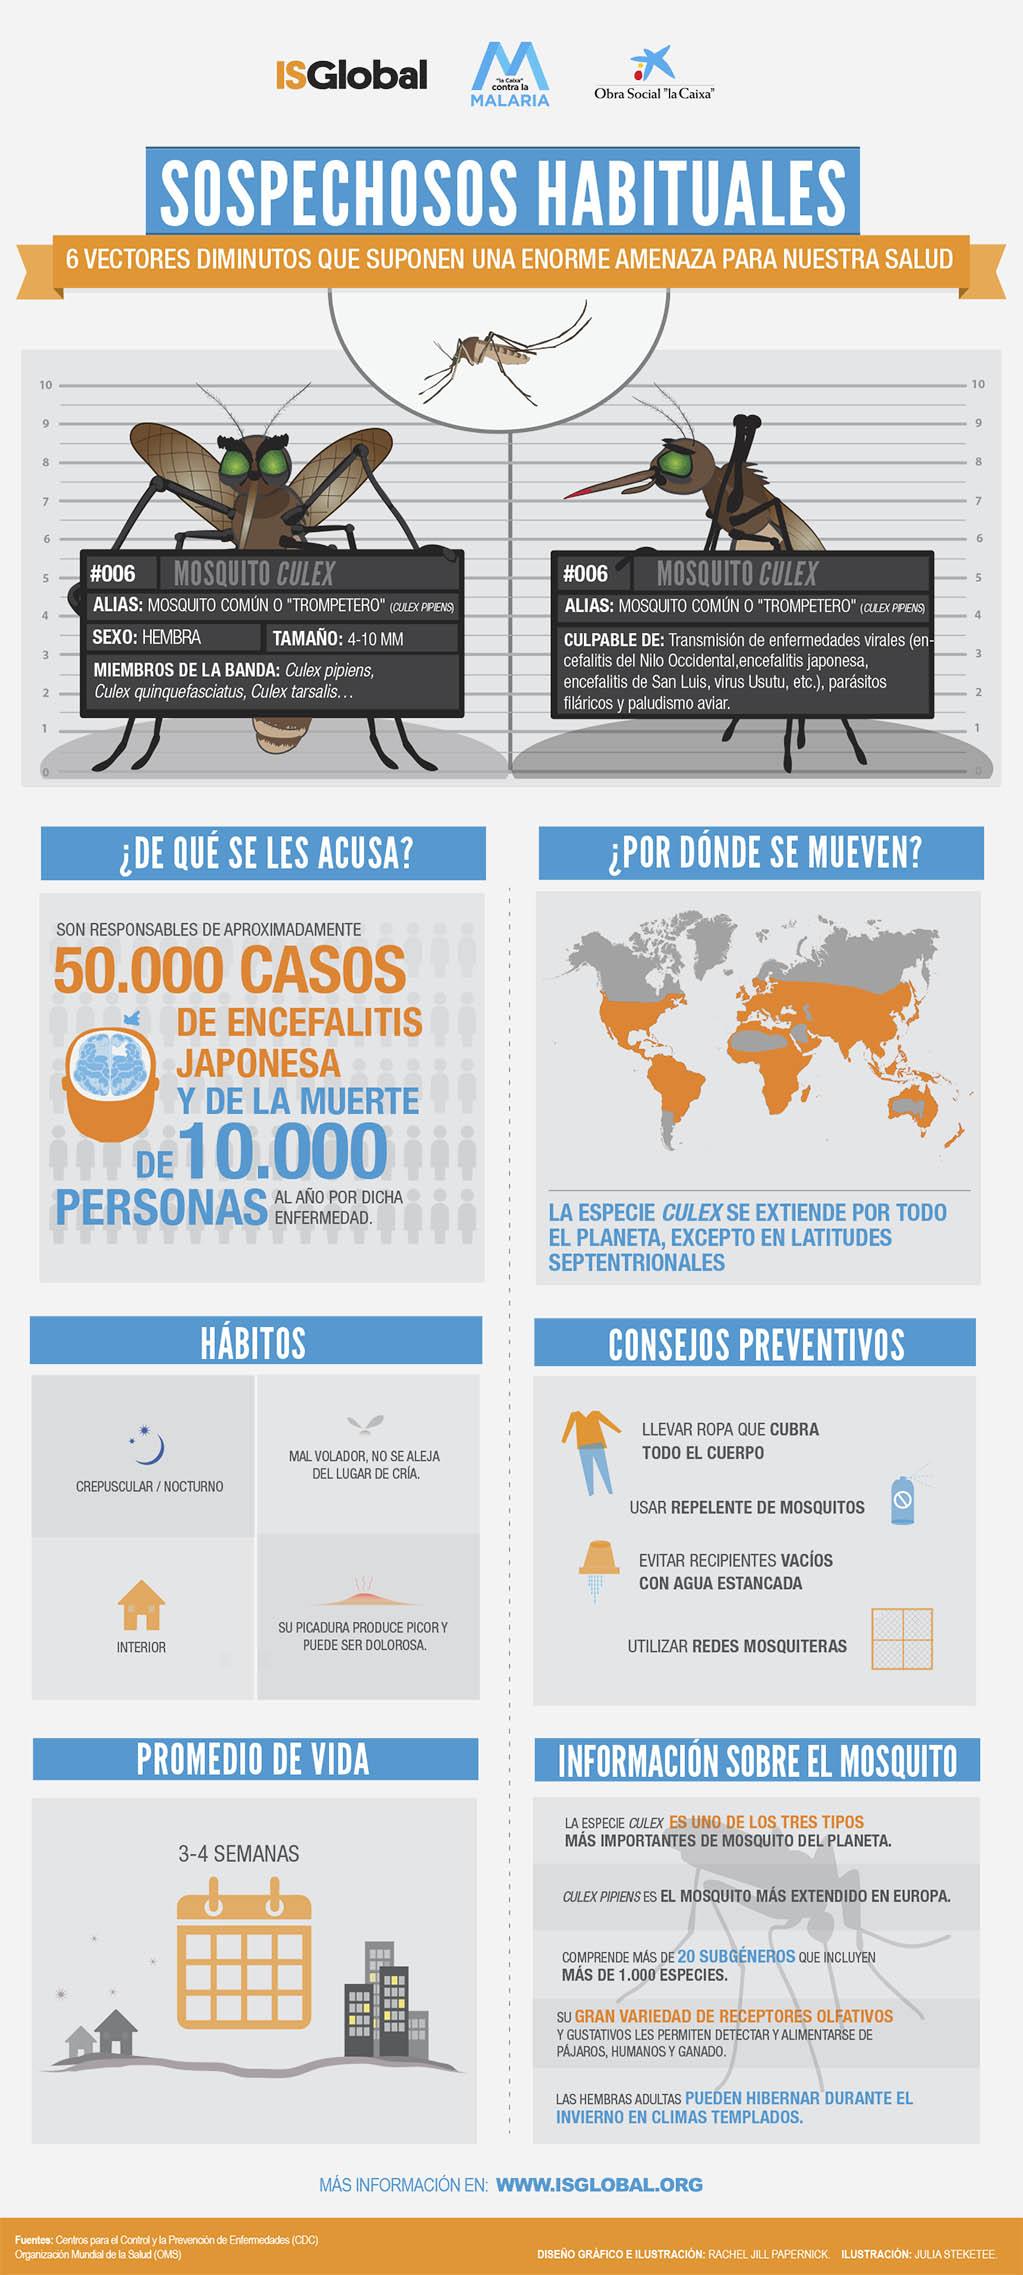 Infografía sobre el mosquito del género Culex, vector de enfermedades como la encefalitis japonesa